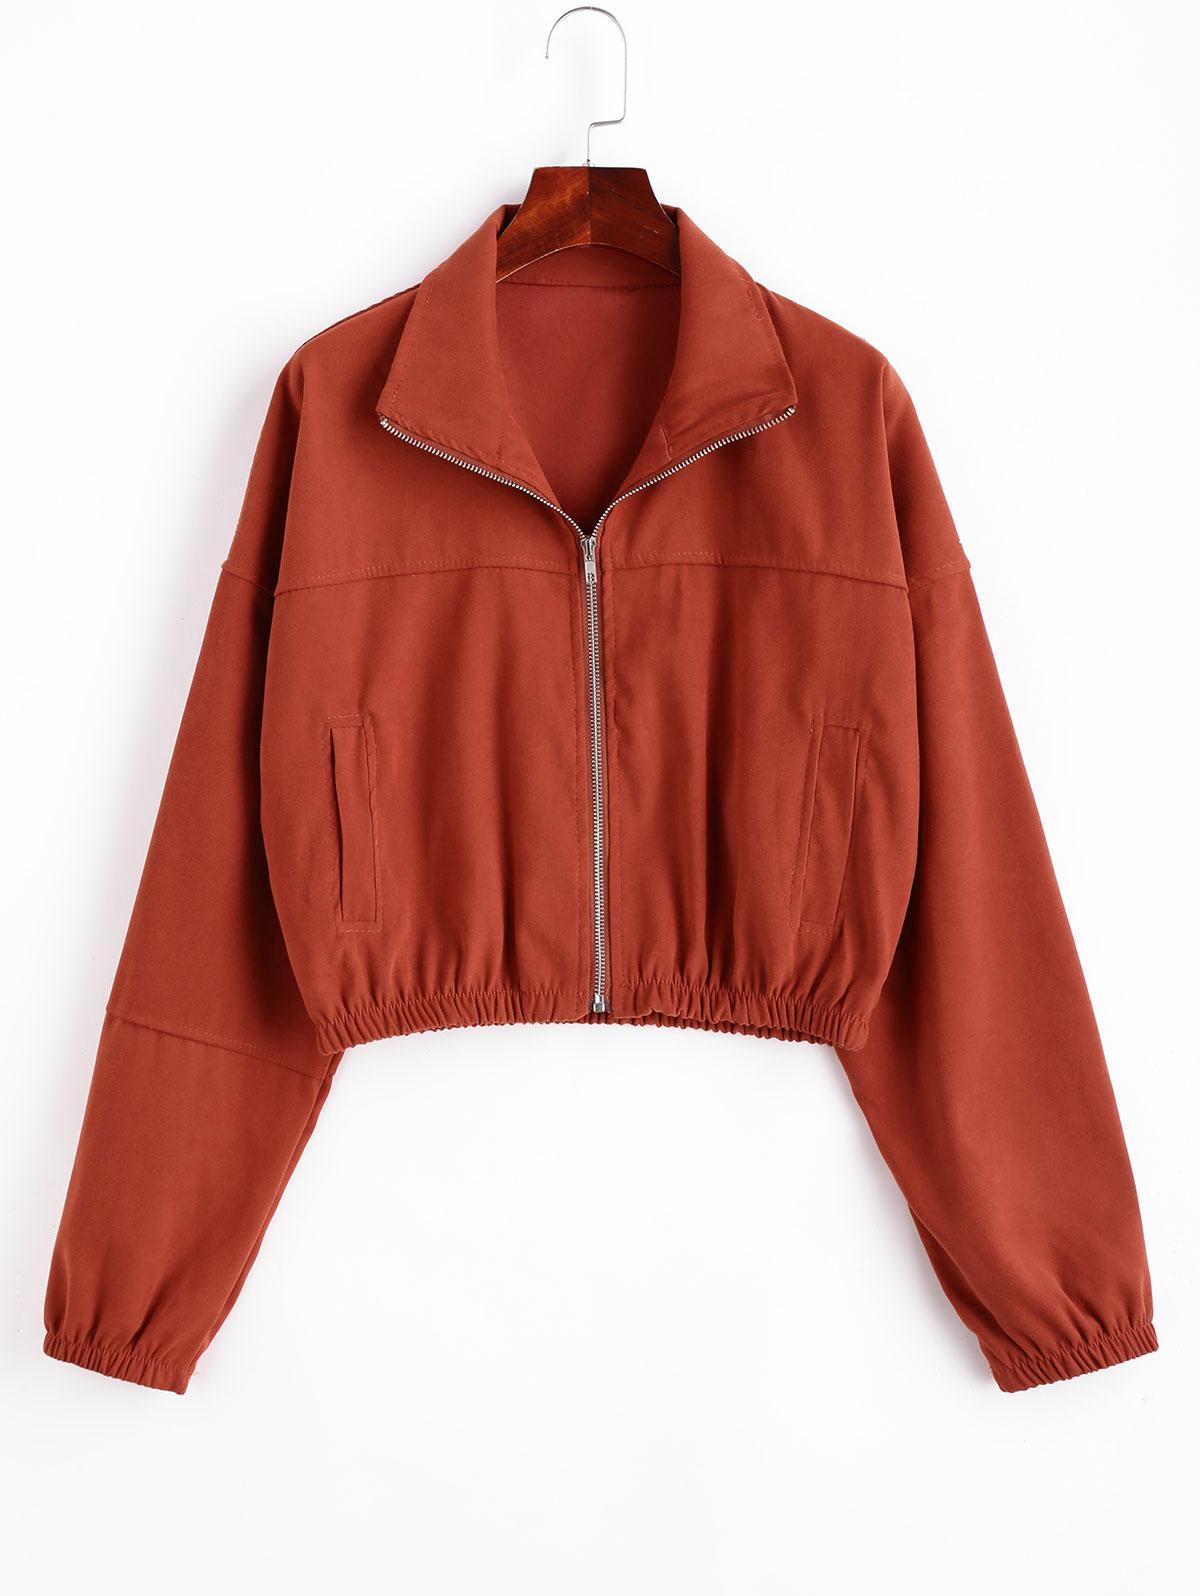 ZAFUL Zip Up Drop Shoulder Pocket Jacket фото